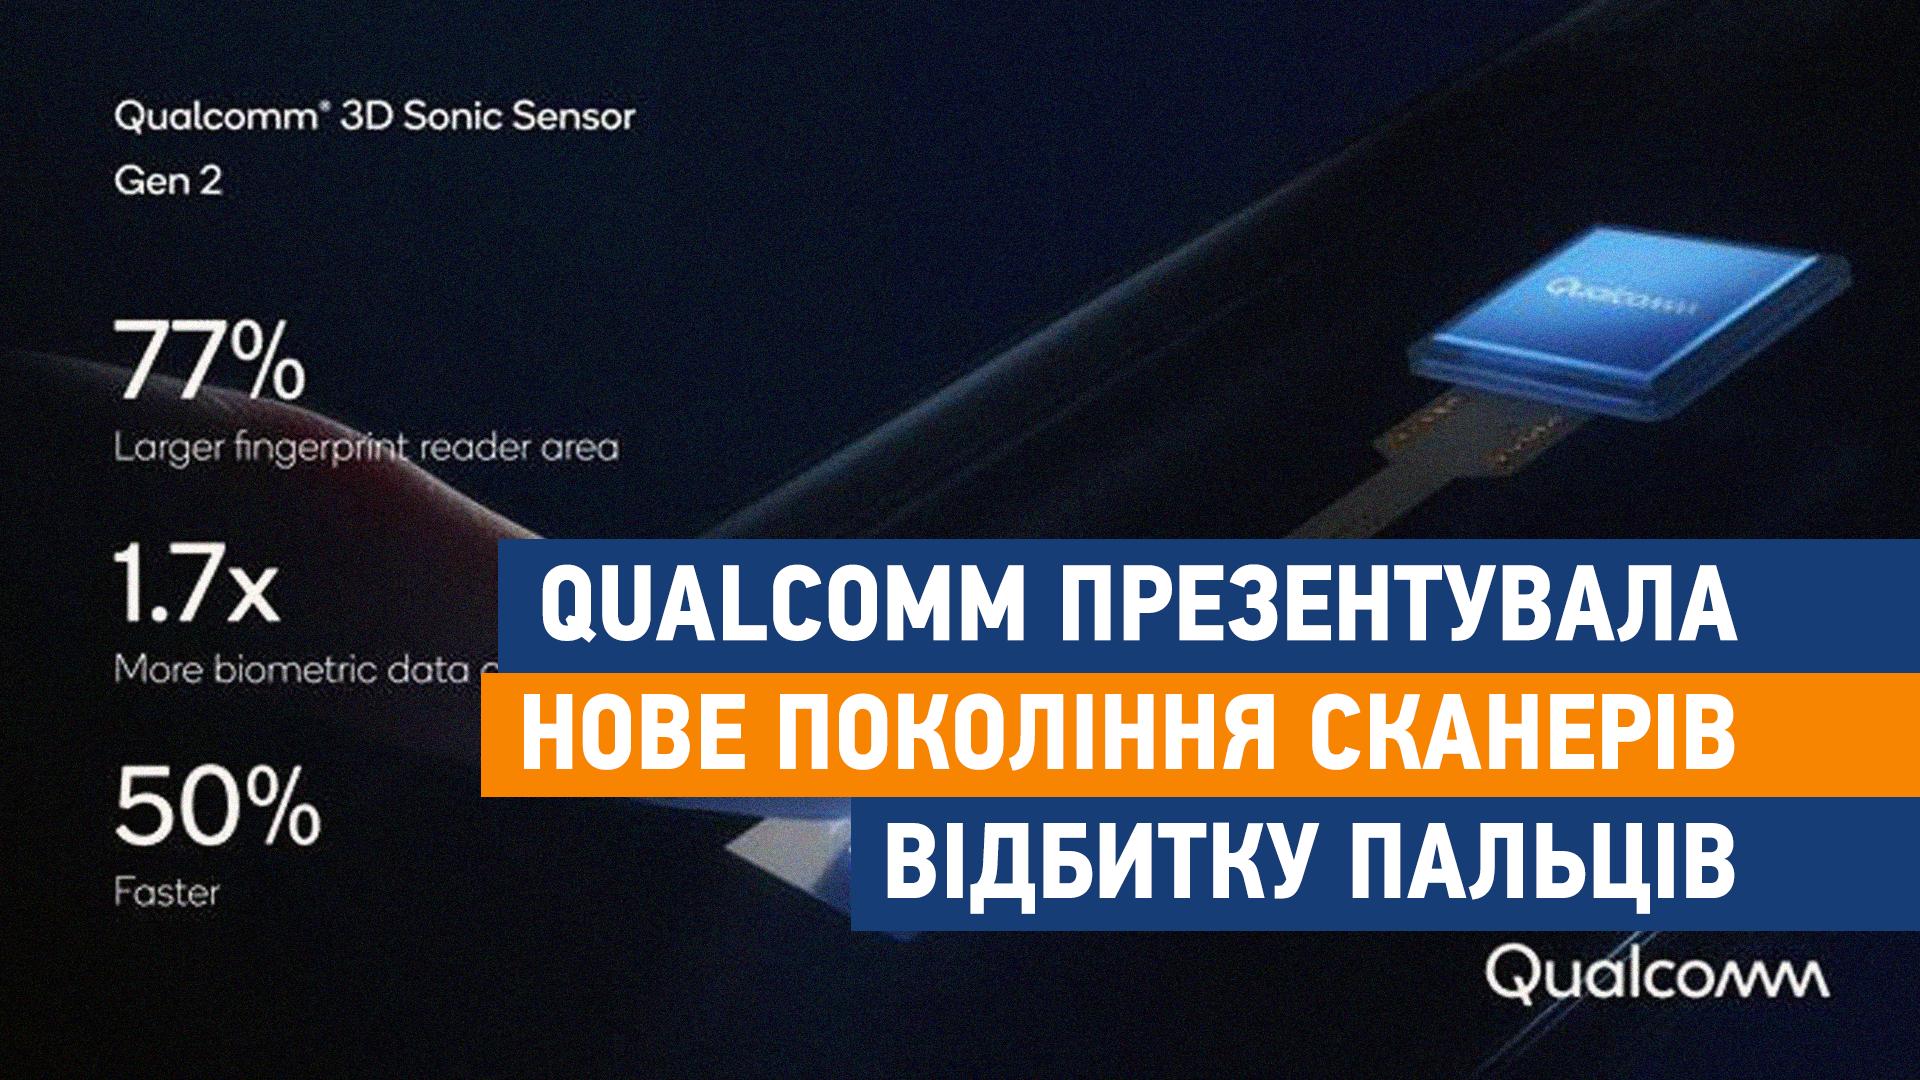 Qualcomm презентувала нове покоління сканерів відбитку пальців - технології, смартфо, новини, Анонс - shablon poglyad site